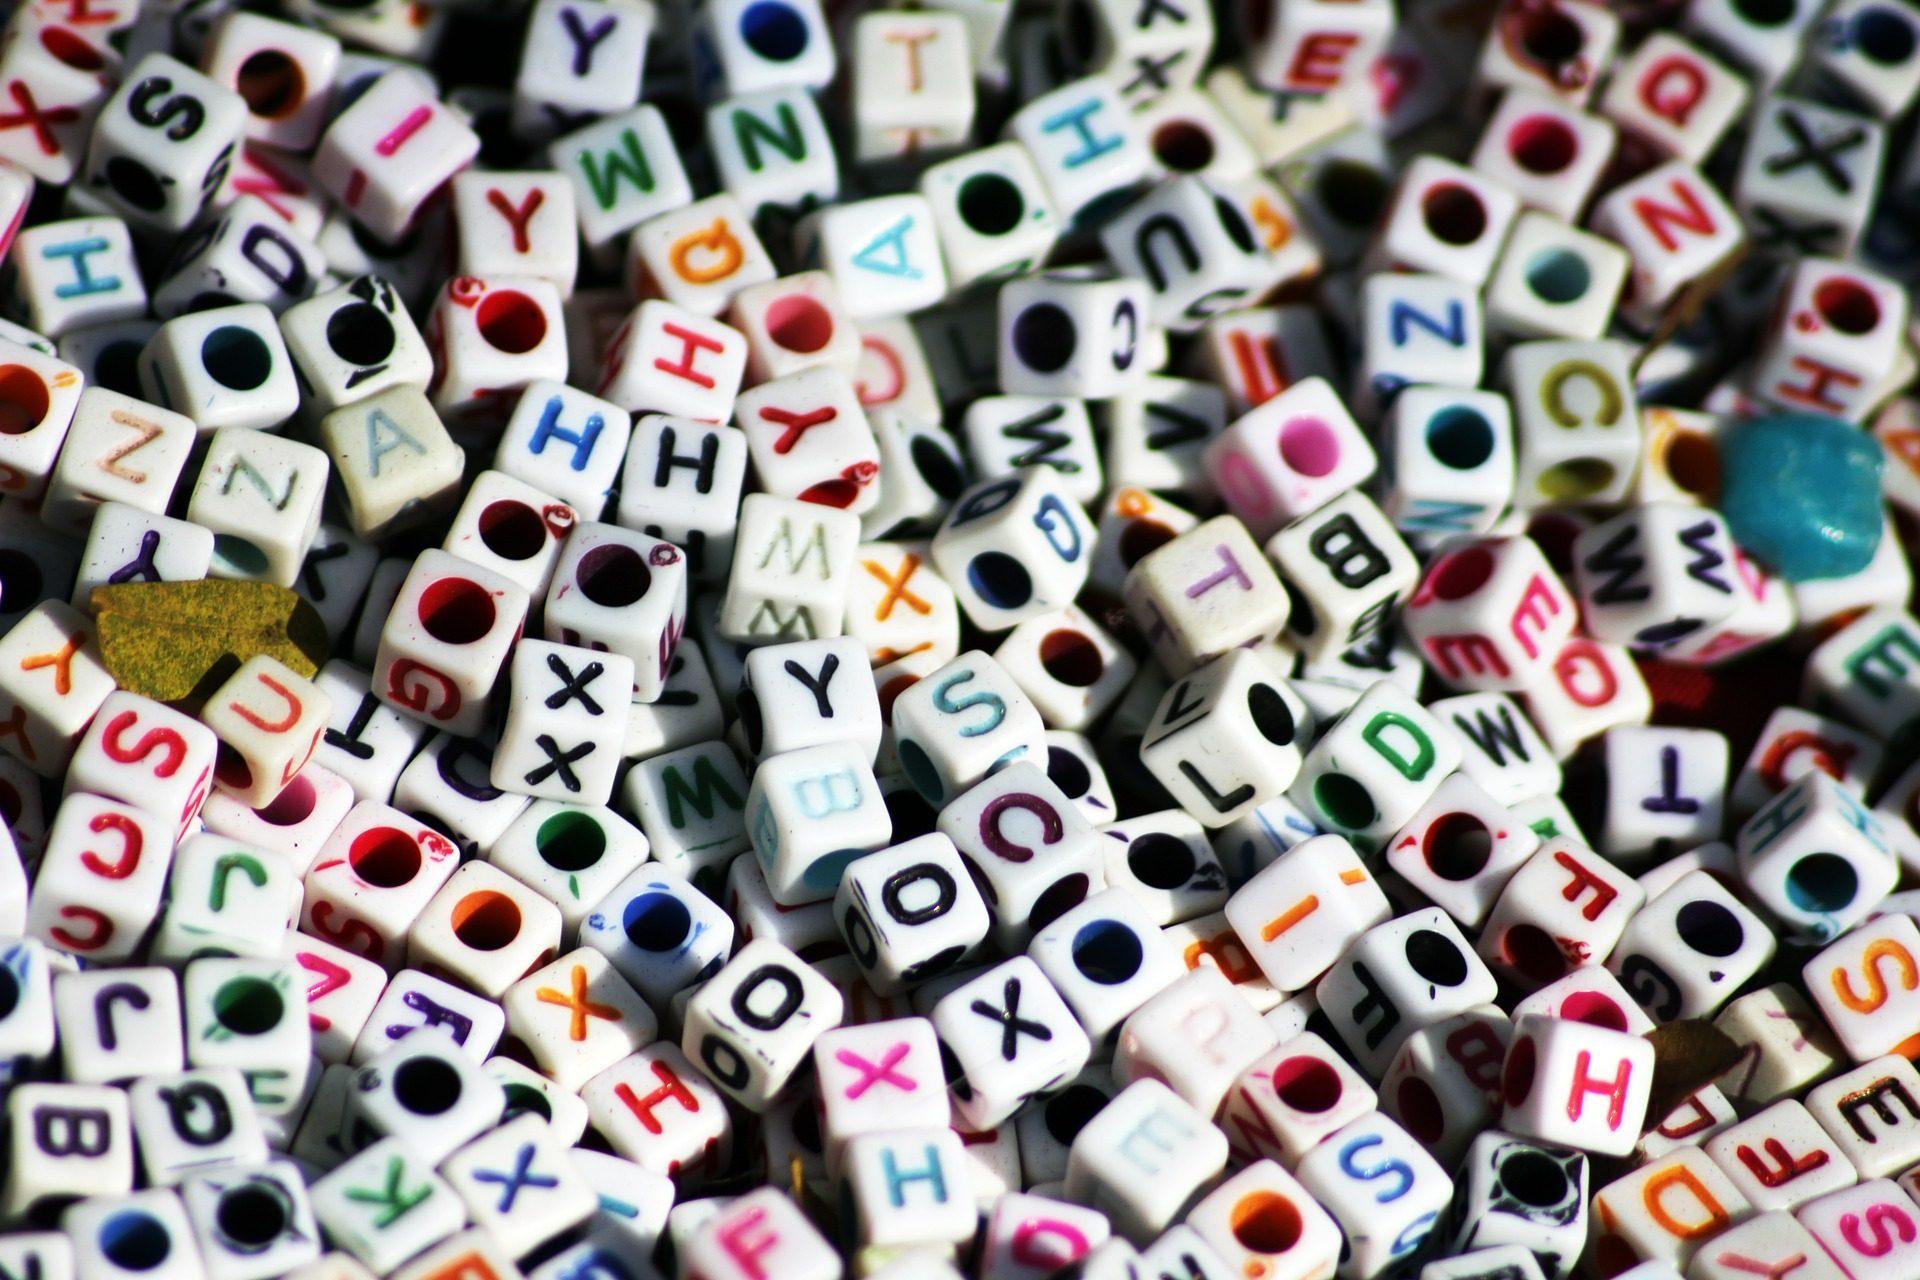 骰子, 多维数据集, 歌词, 很多, 多彩 - 高清壁纸 - 教授-falken.com